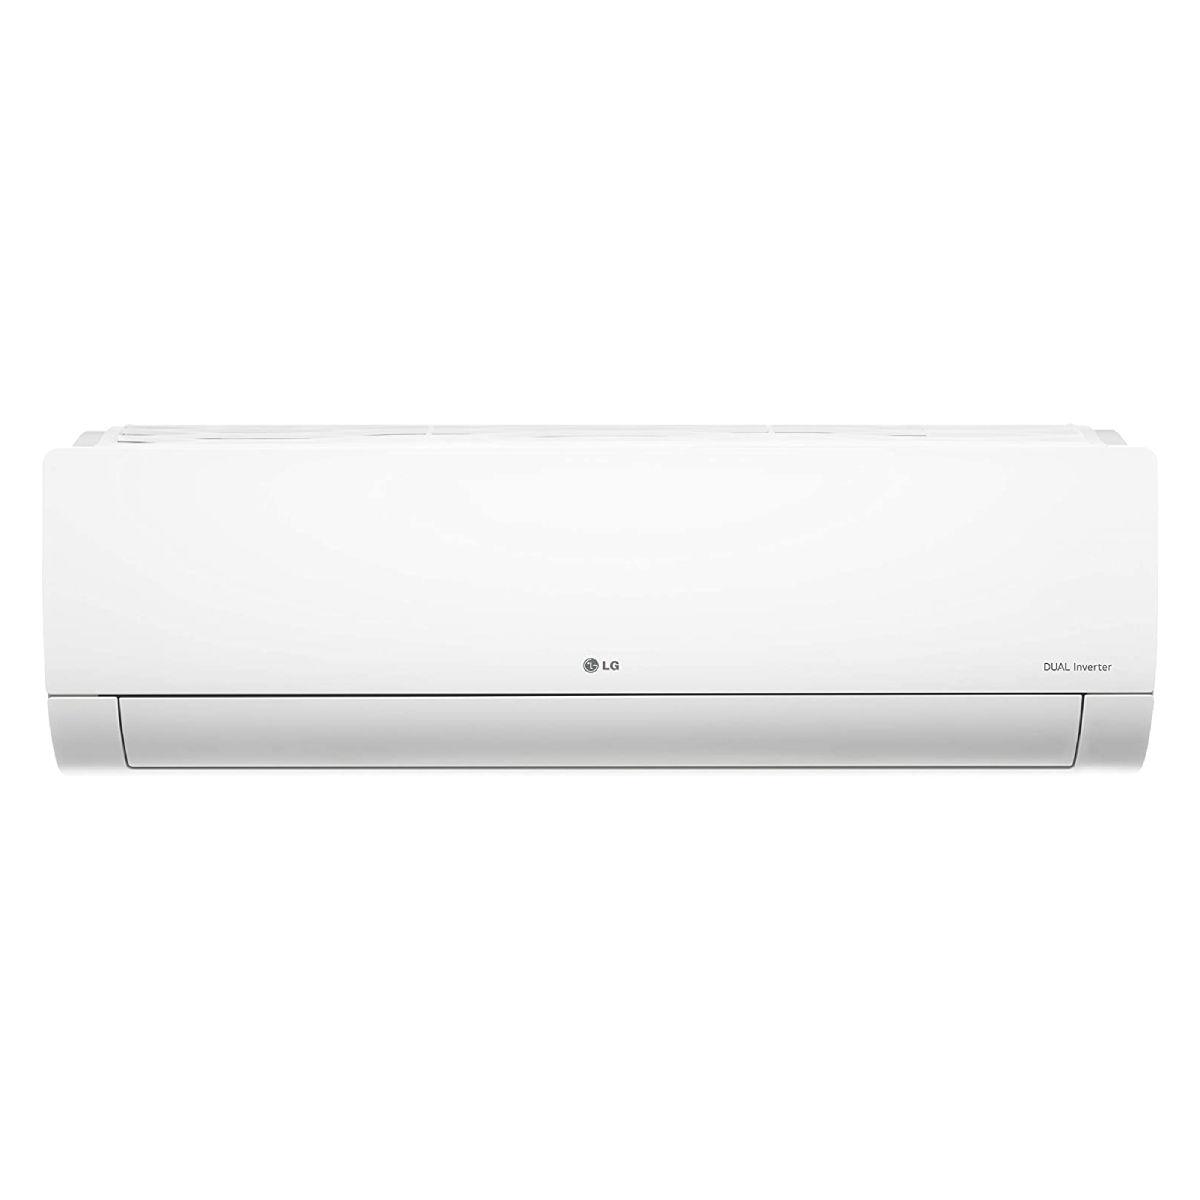 LG 1 Ton 5 Star Inverter Split AC (MS-Q12YNZA)